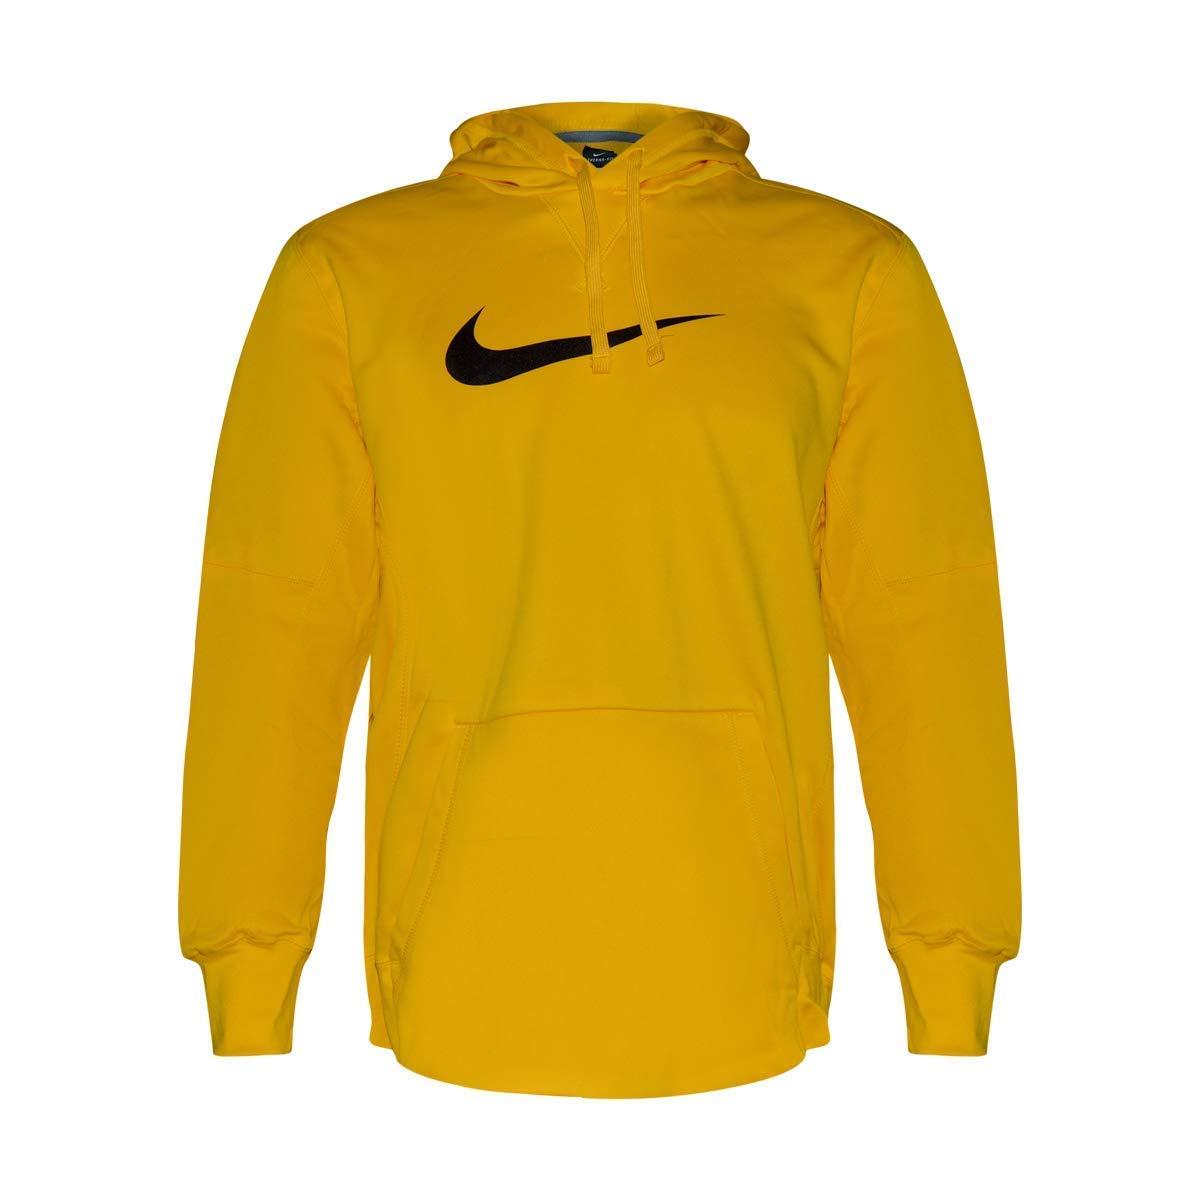 Nike Therma Fit Mens Pullover Hoodie Sweatshirt Bright